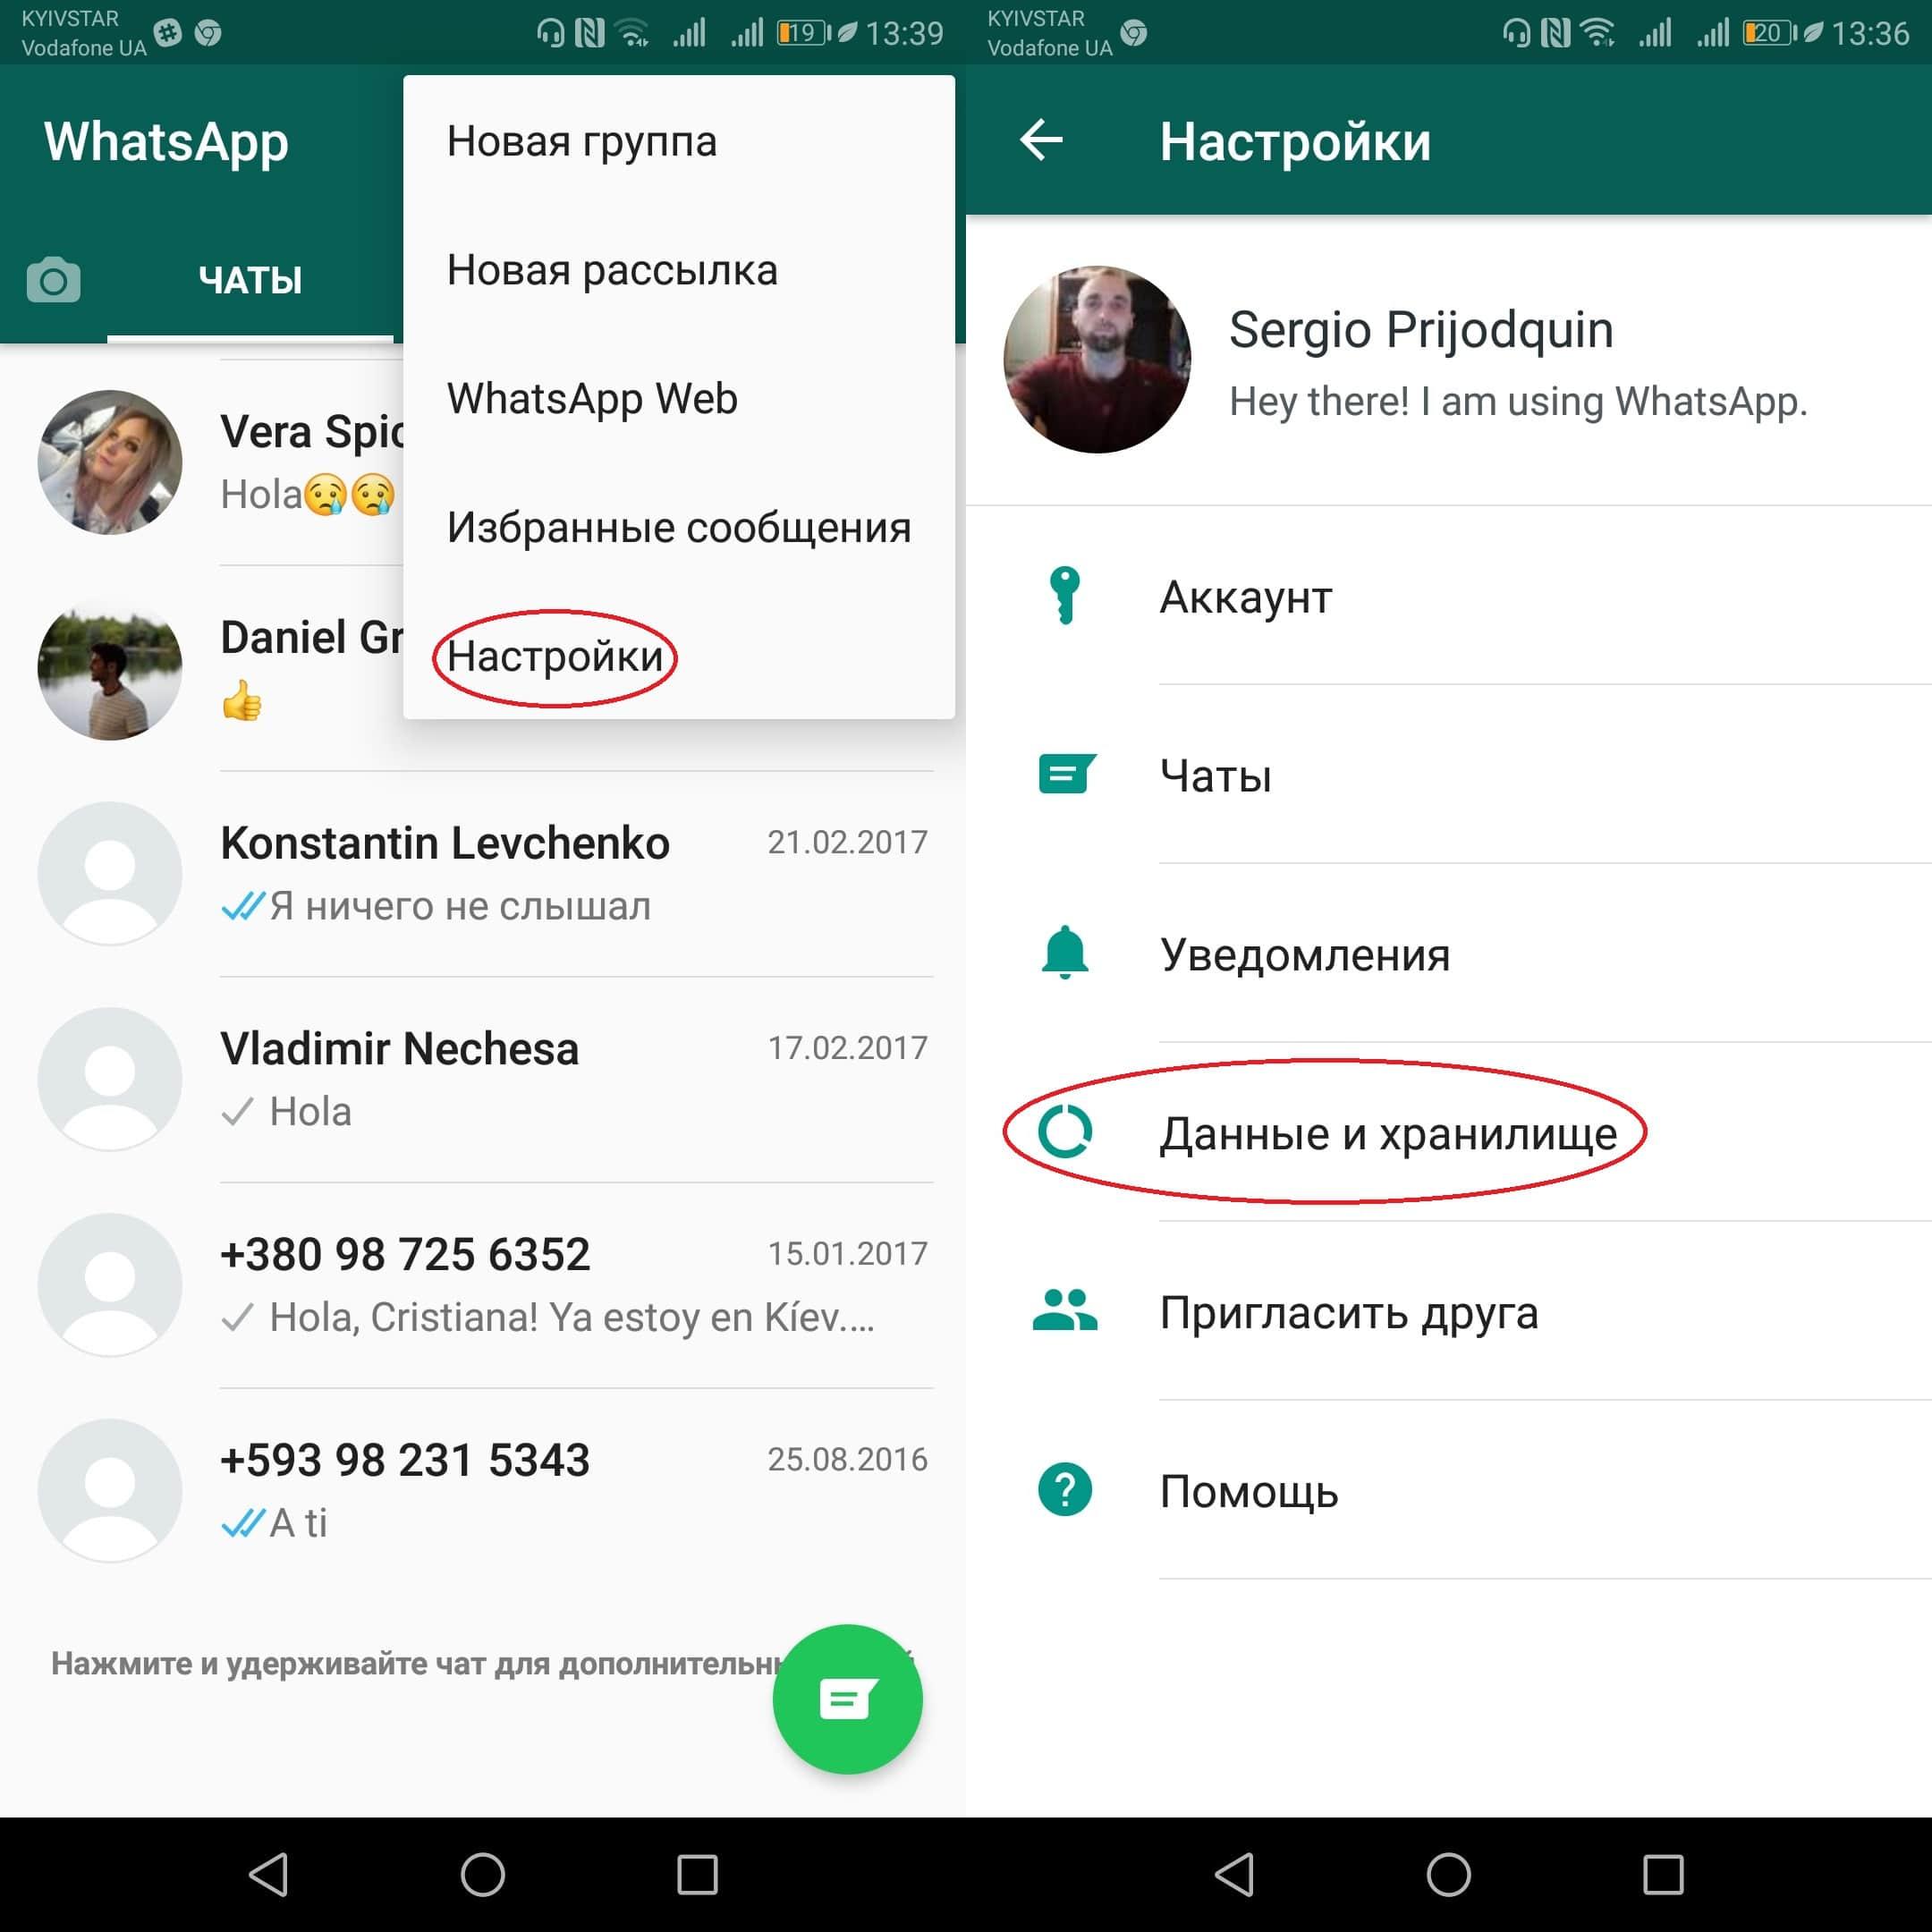 Картинка 1 Как скрывать фото и видео из WhatsApp в галереи смартфона